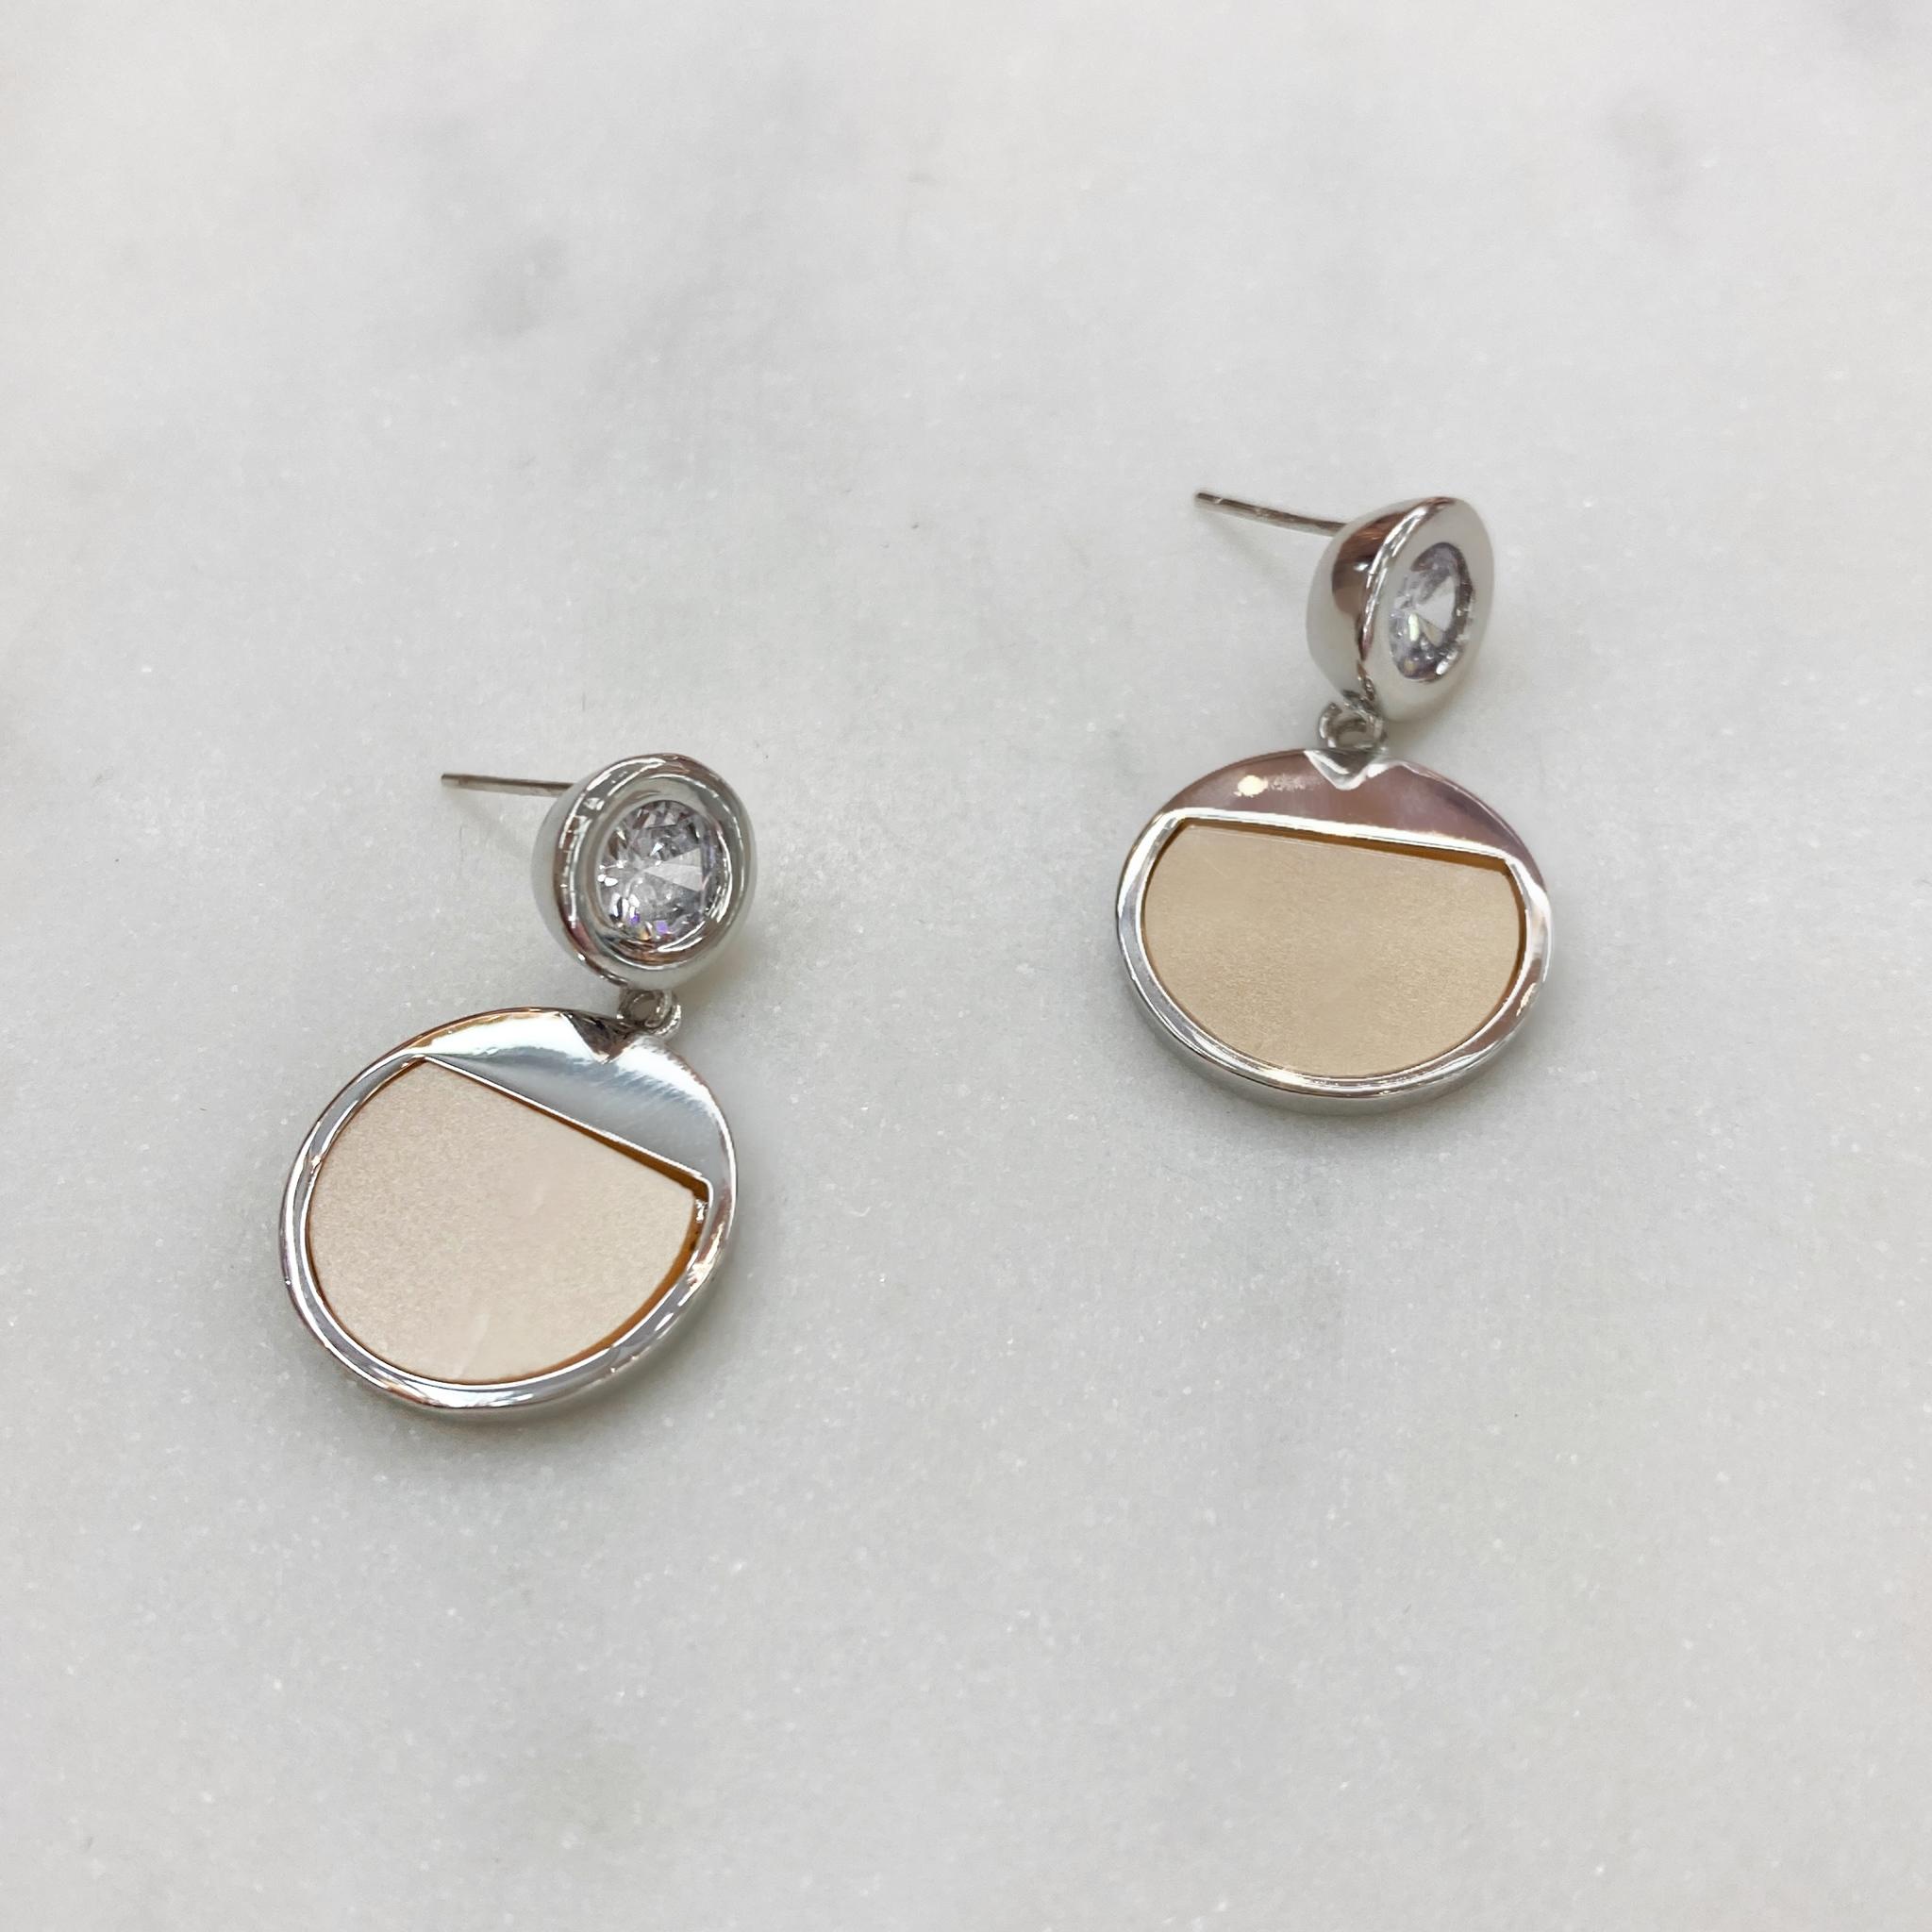 Серьги-подвески с круглой подвеской и кристаллом ш925 (серебристый)